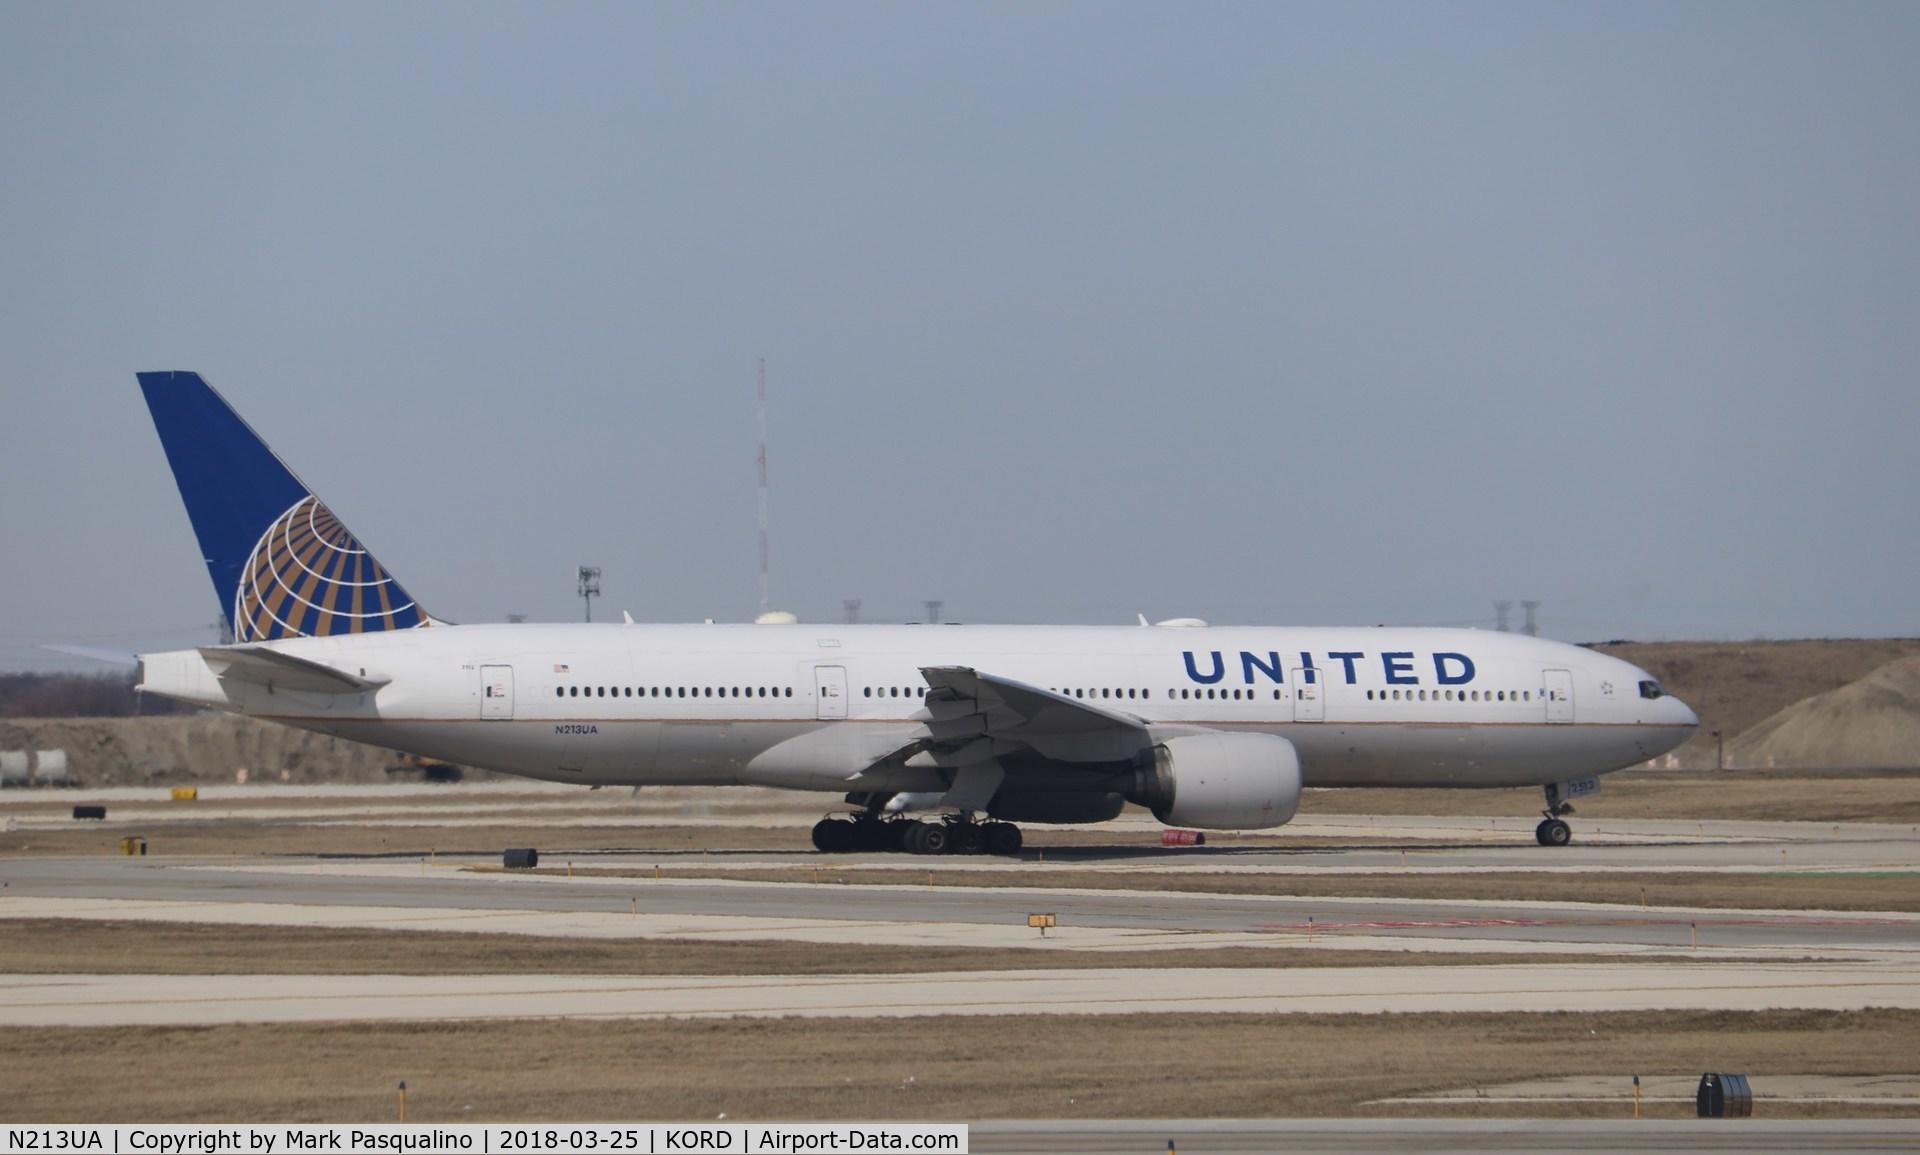 N213UA, 2000 Boeing 777-222 C/N 30219, Boeing 777-200